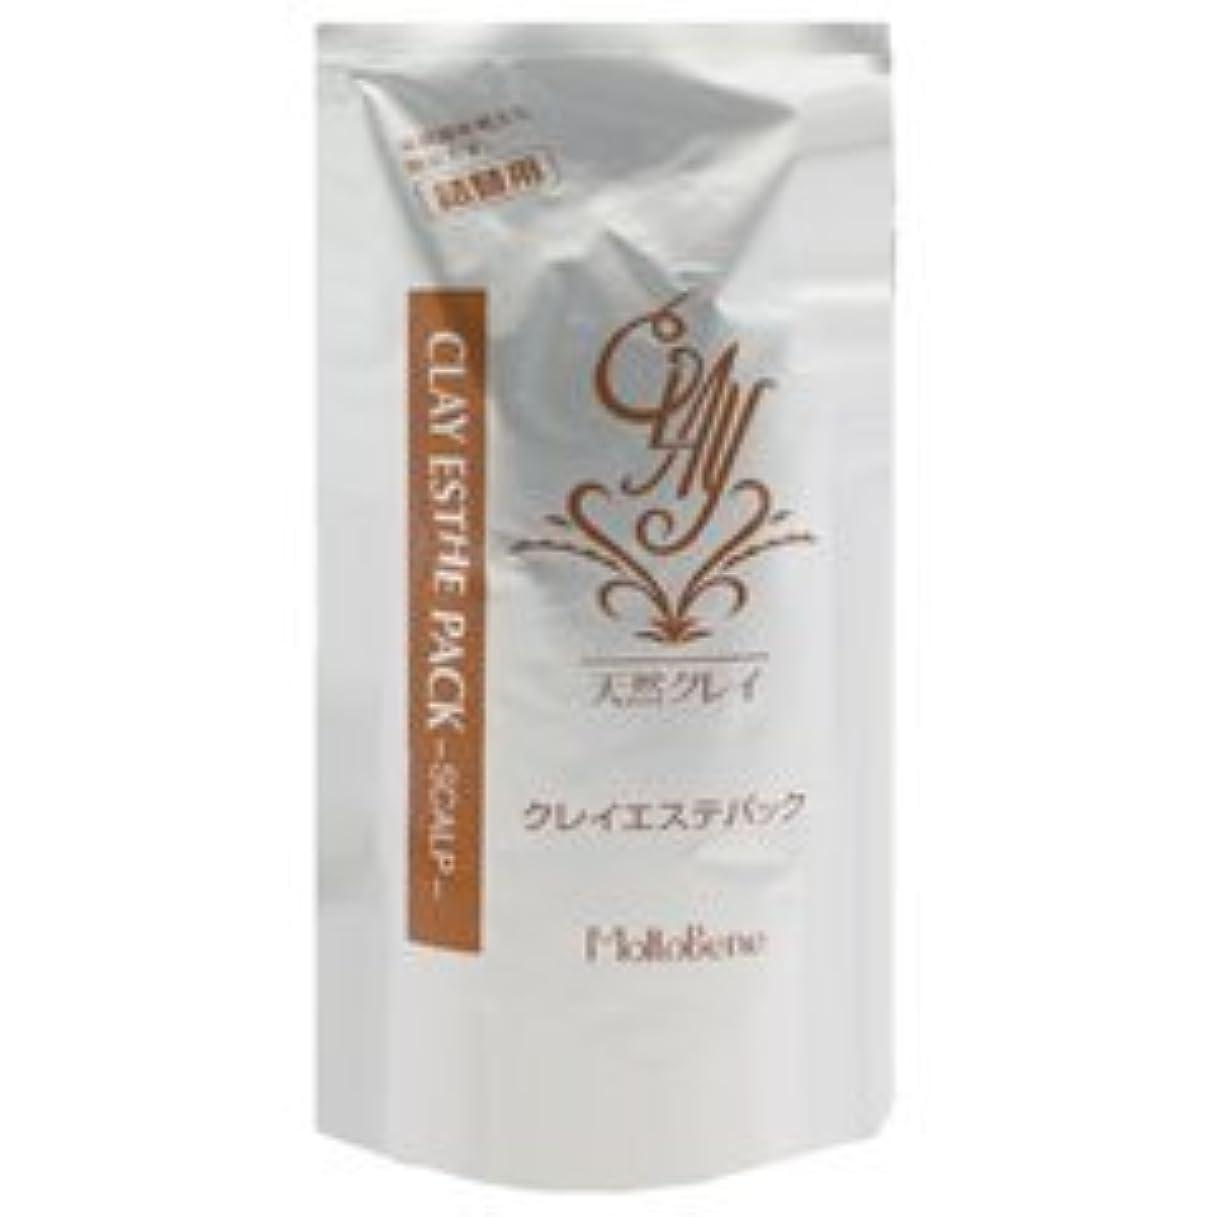 パン屋シーン闇【モルトベーネ】クレイエステ パック 詰替用 500g